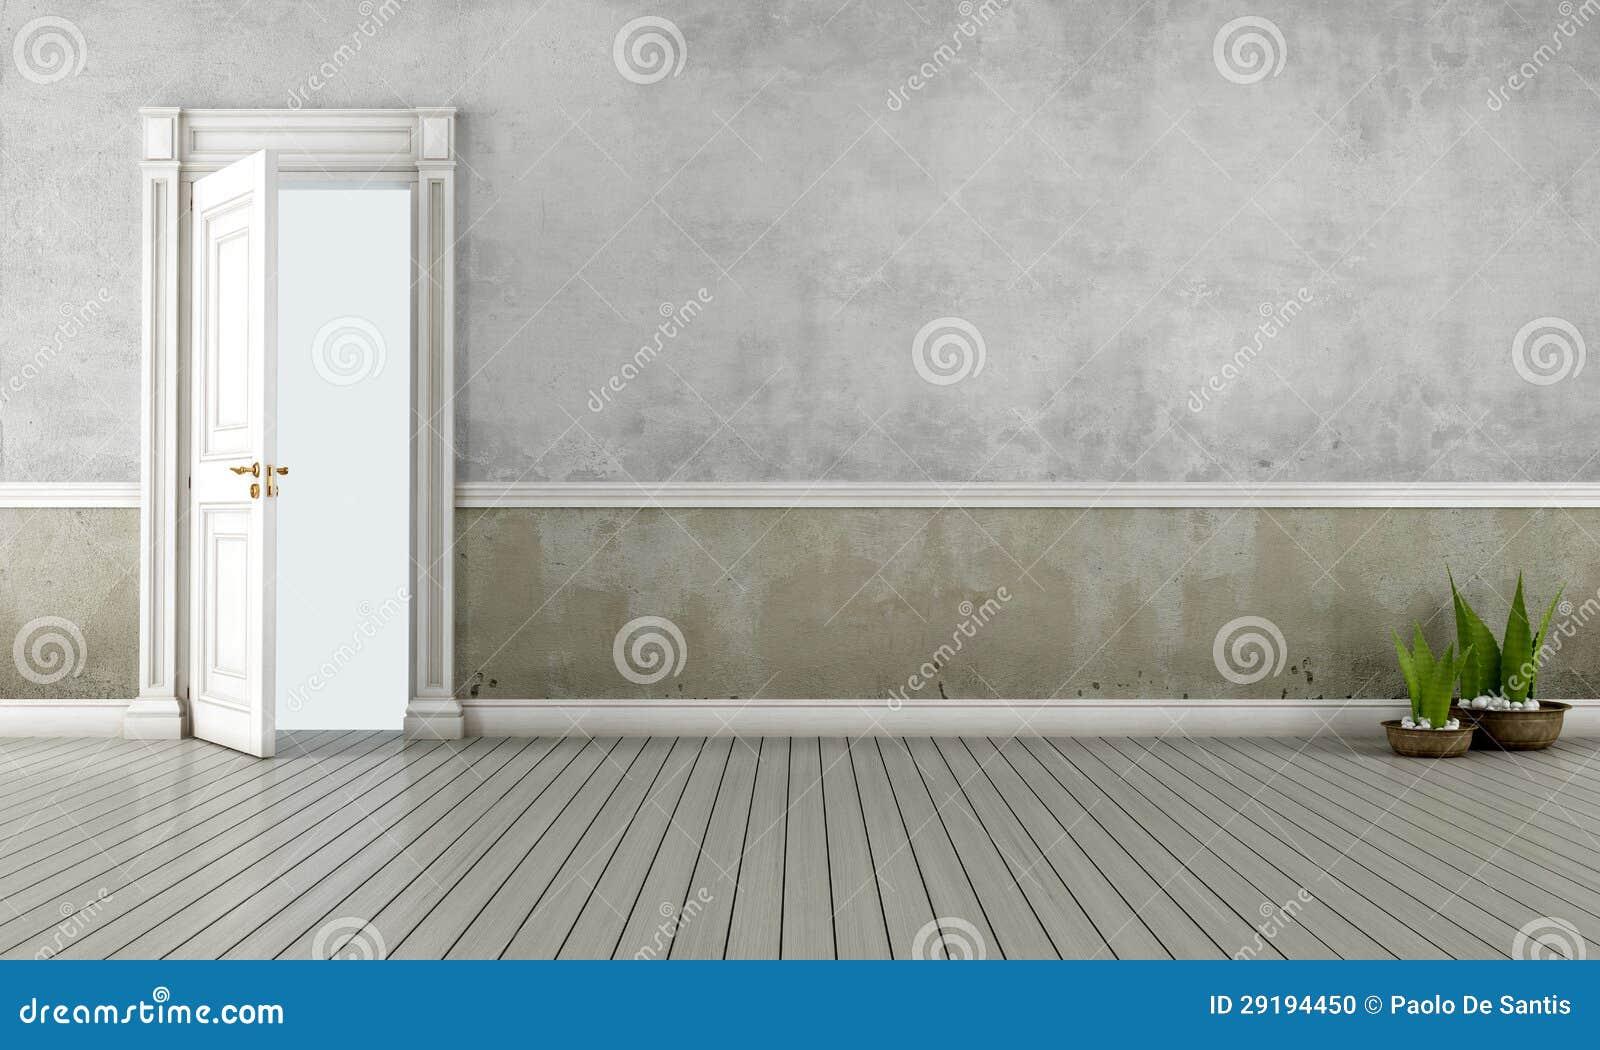 Vintage room with open door